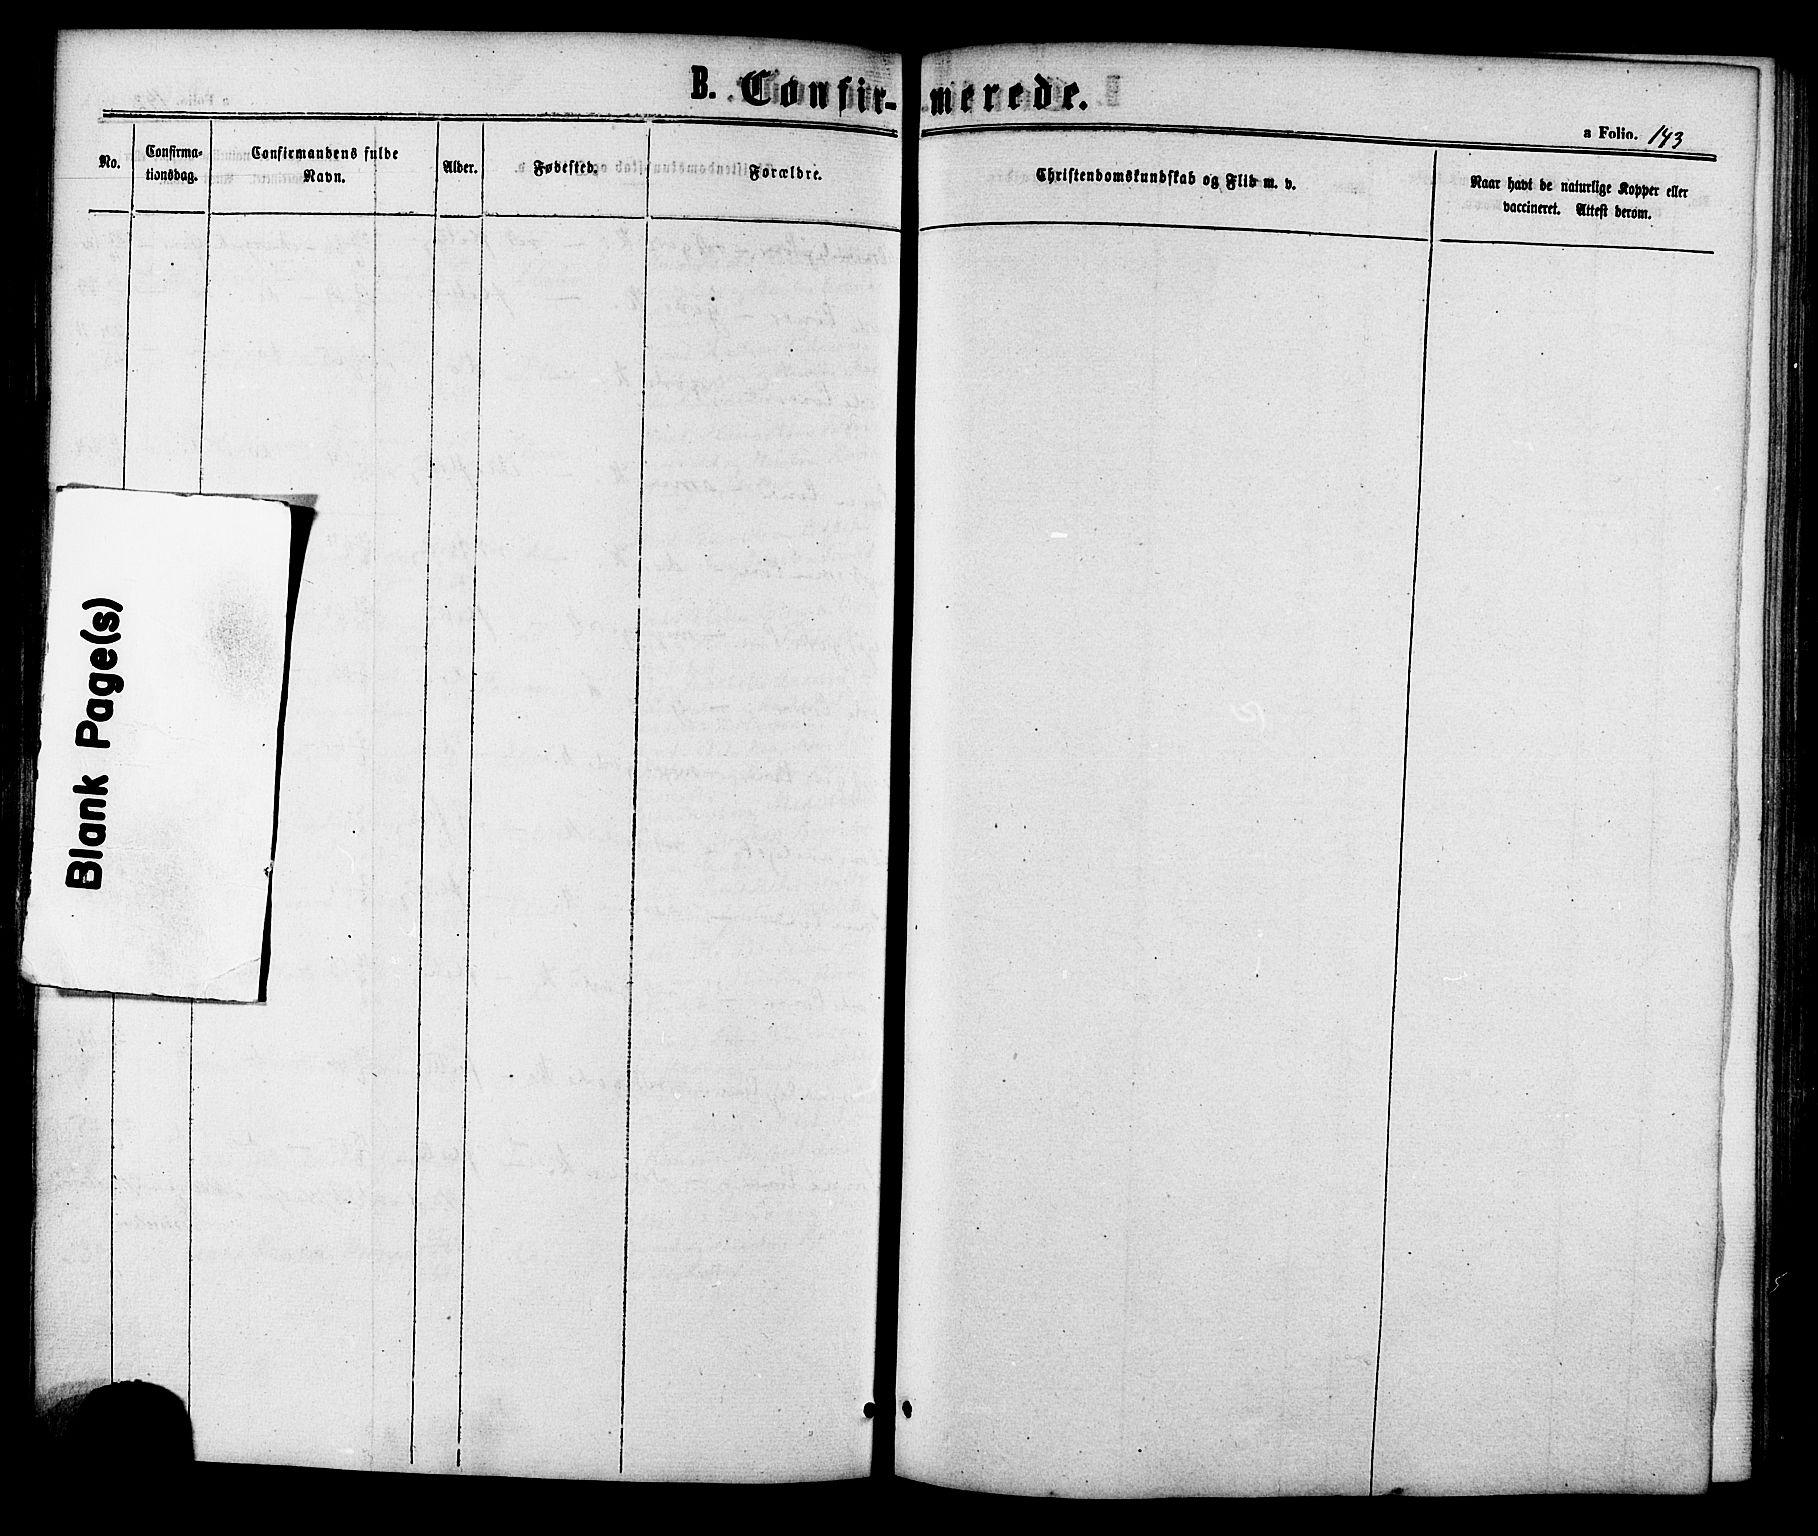 SAT, Ministerialprotokoller, klokkerbøker og fødselsregistre - Sør-Trøndelag, 618/L0442: Ministerialbok nr. 618A06 /1, 1863-1879, s. 143